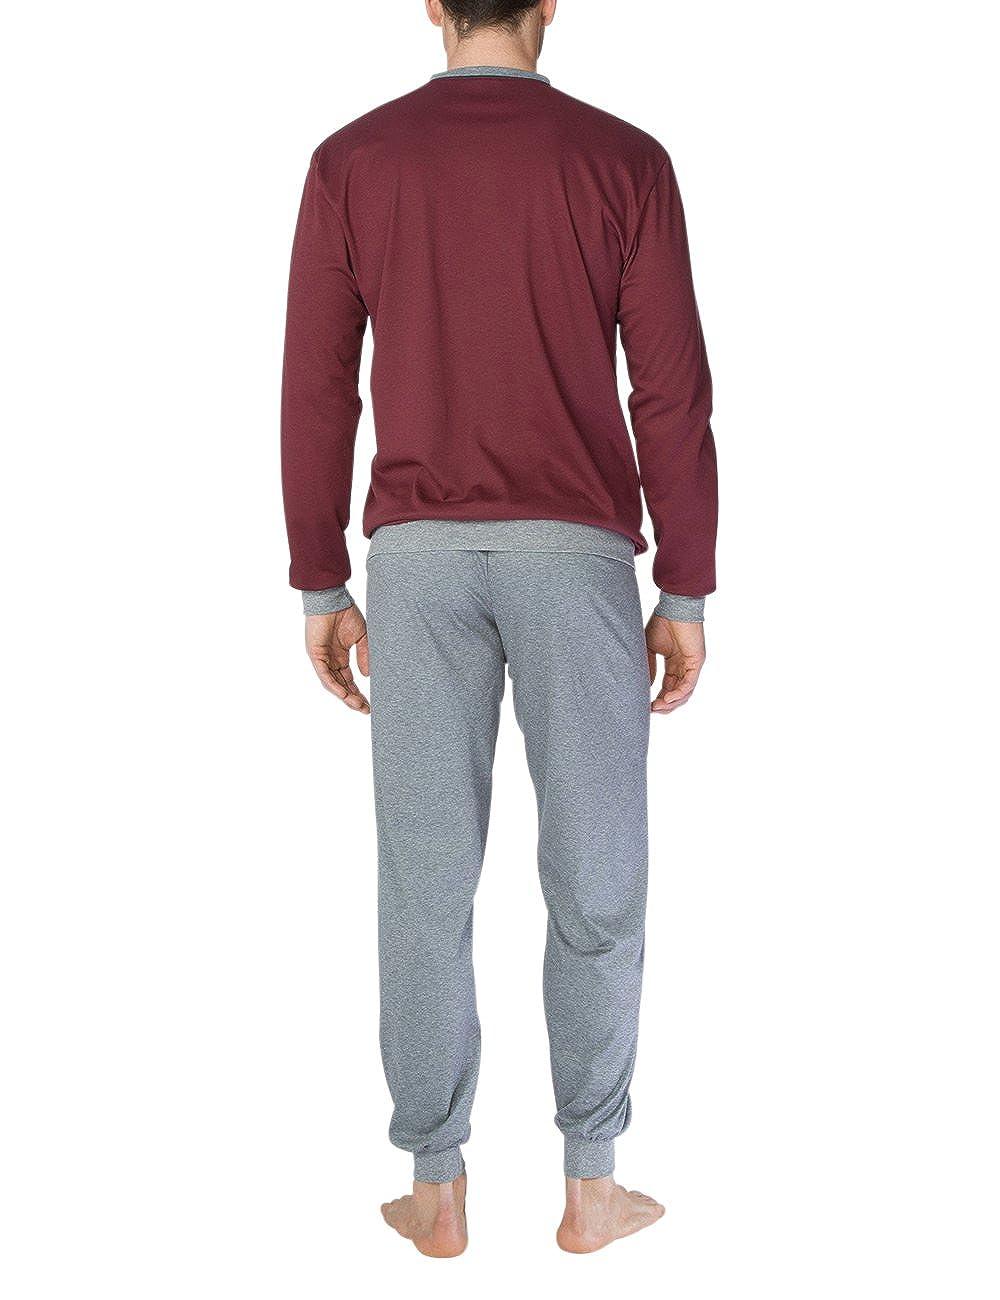 Calida Louis Pyjama Mit Bündchen, Conjuntos de Pijama para Hombre: Amazon.es: Ropa y accesorios